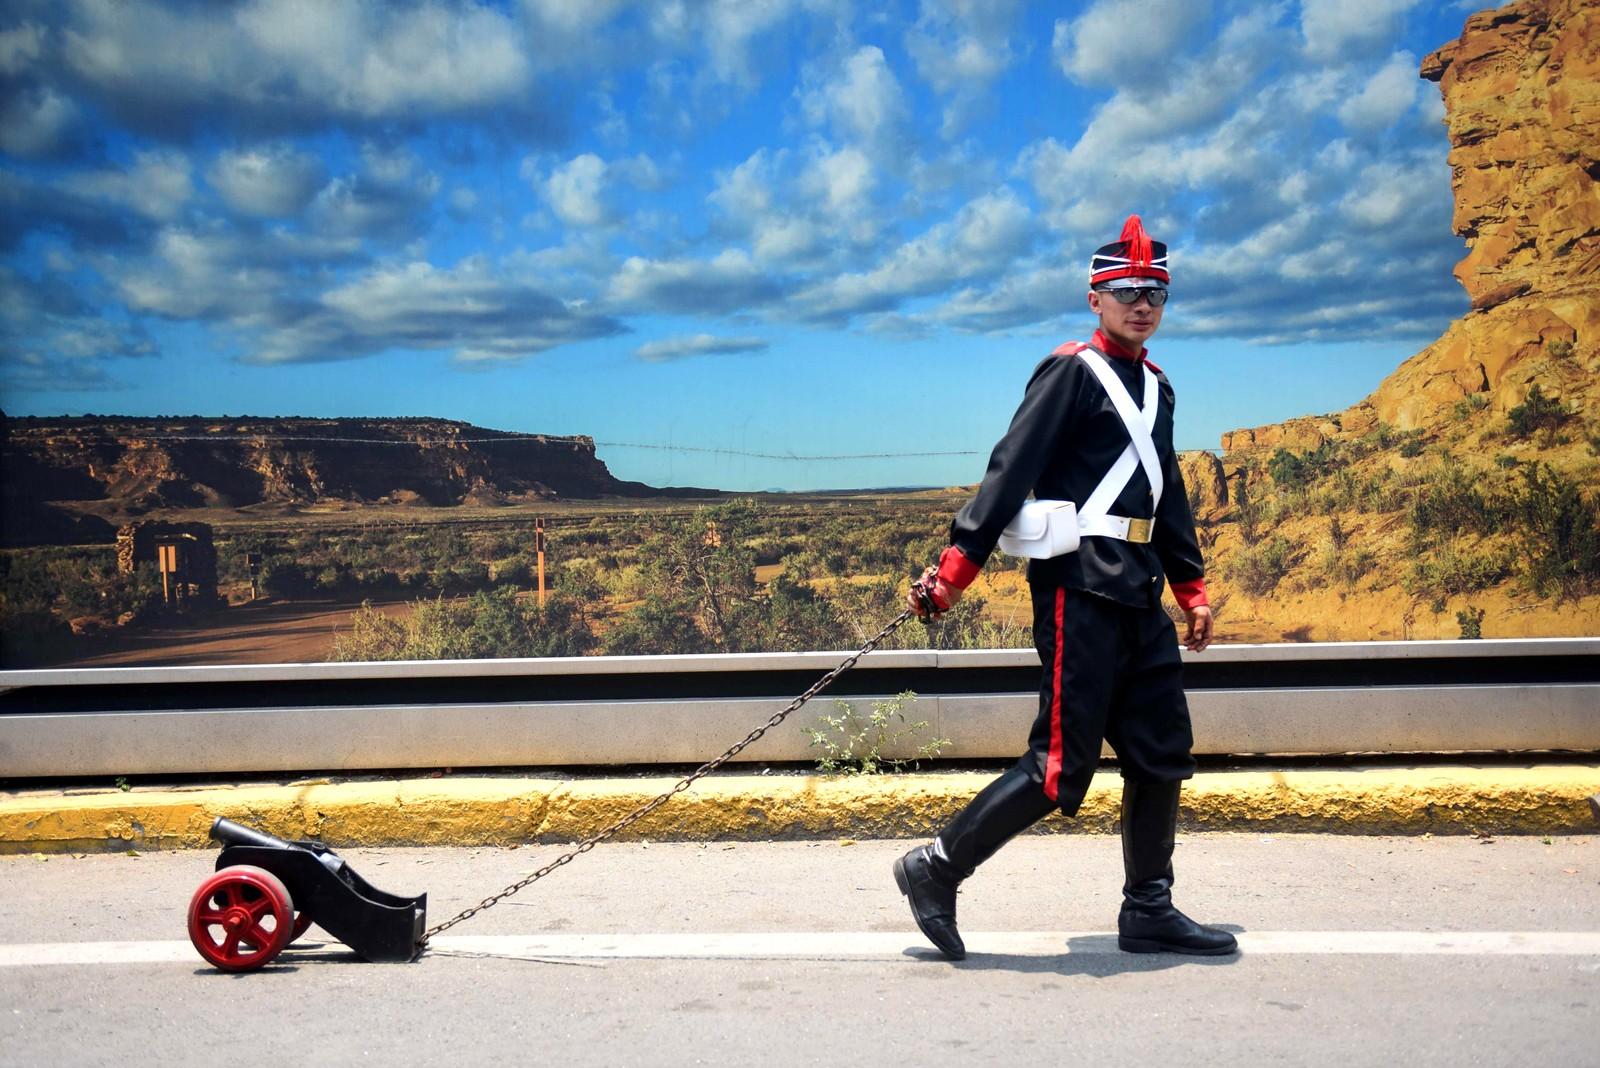 """Han er en av flere som var med på å gjenskape slaget """"Batalla de Puebla"""" (slaget om Puebla) ved El Peñón de los Baño i Mexico. Mexicanere feiret at de beseiret Frankrike i slaget som fant sted i 1862."""